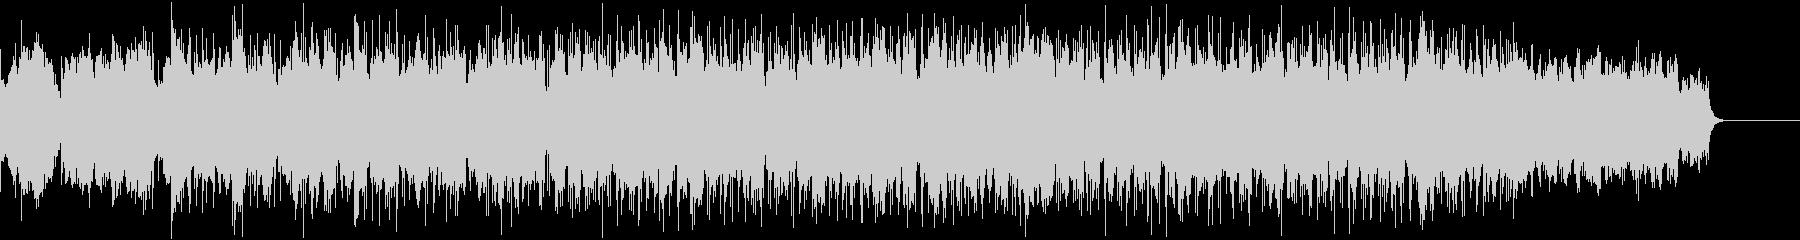 ピアノとストリングスのポップス・バラードの未再生の波形